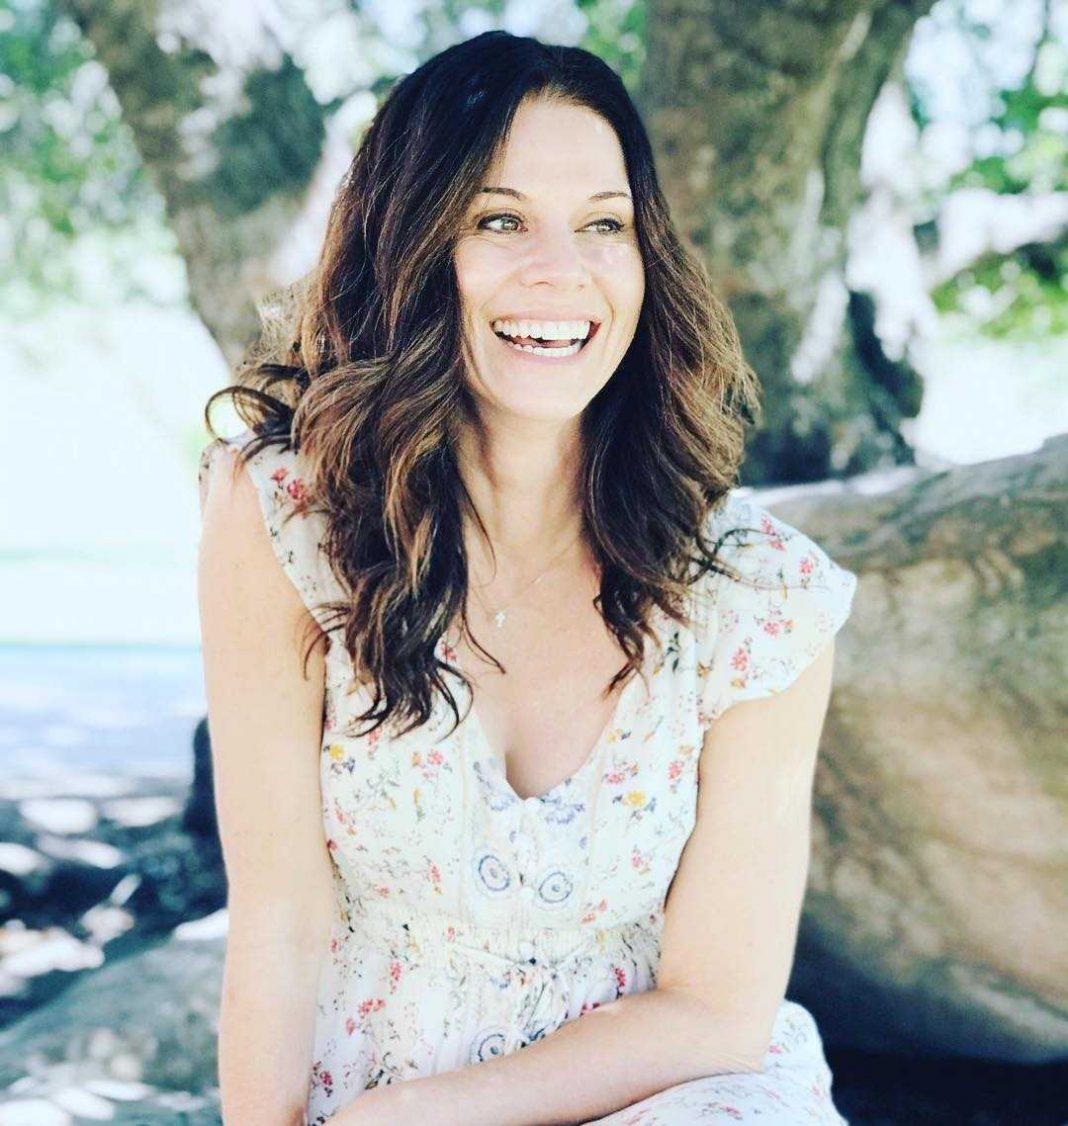 Jennifer Taylor smile pics